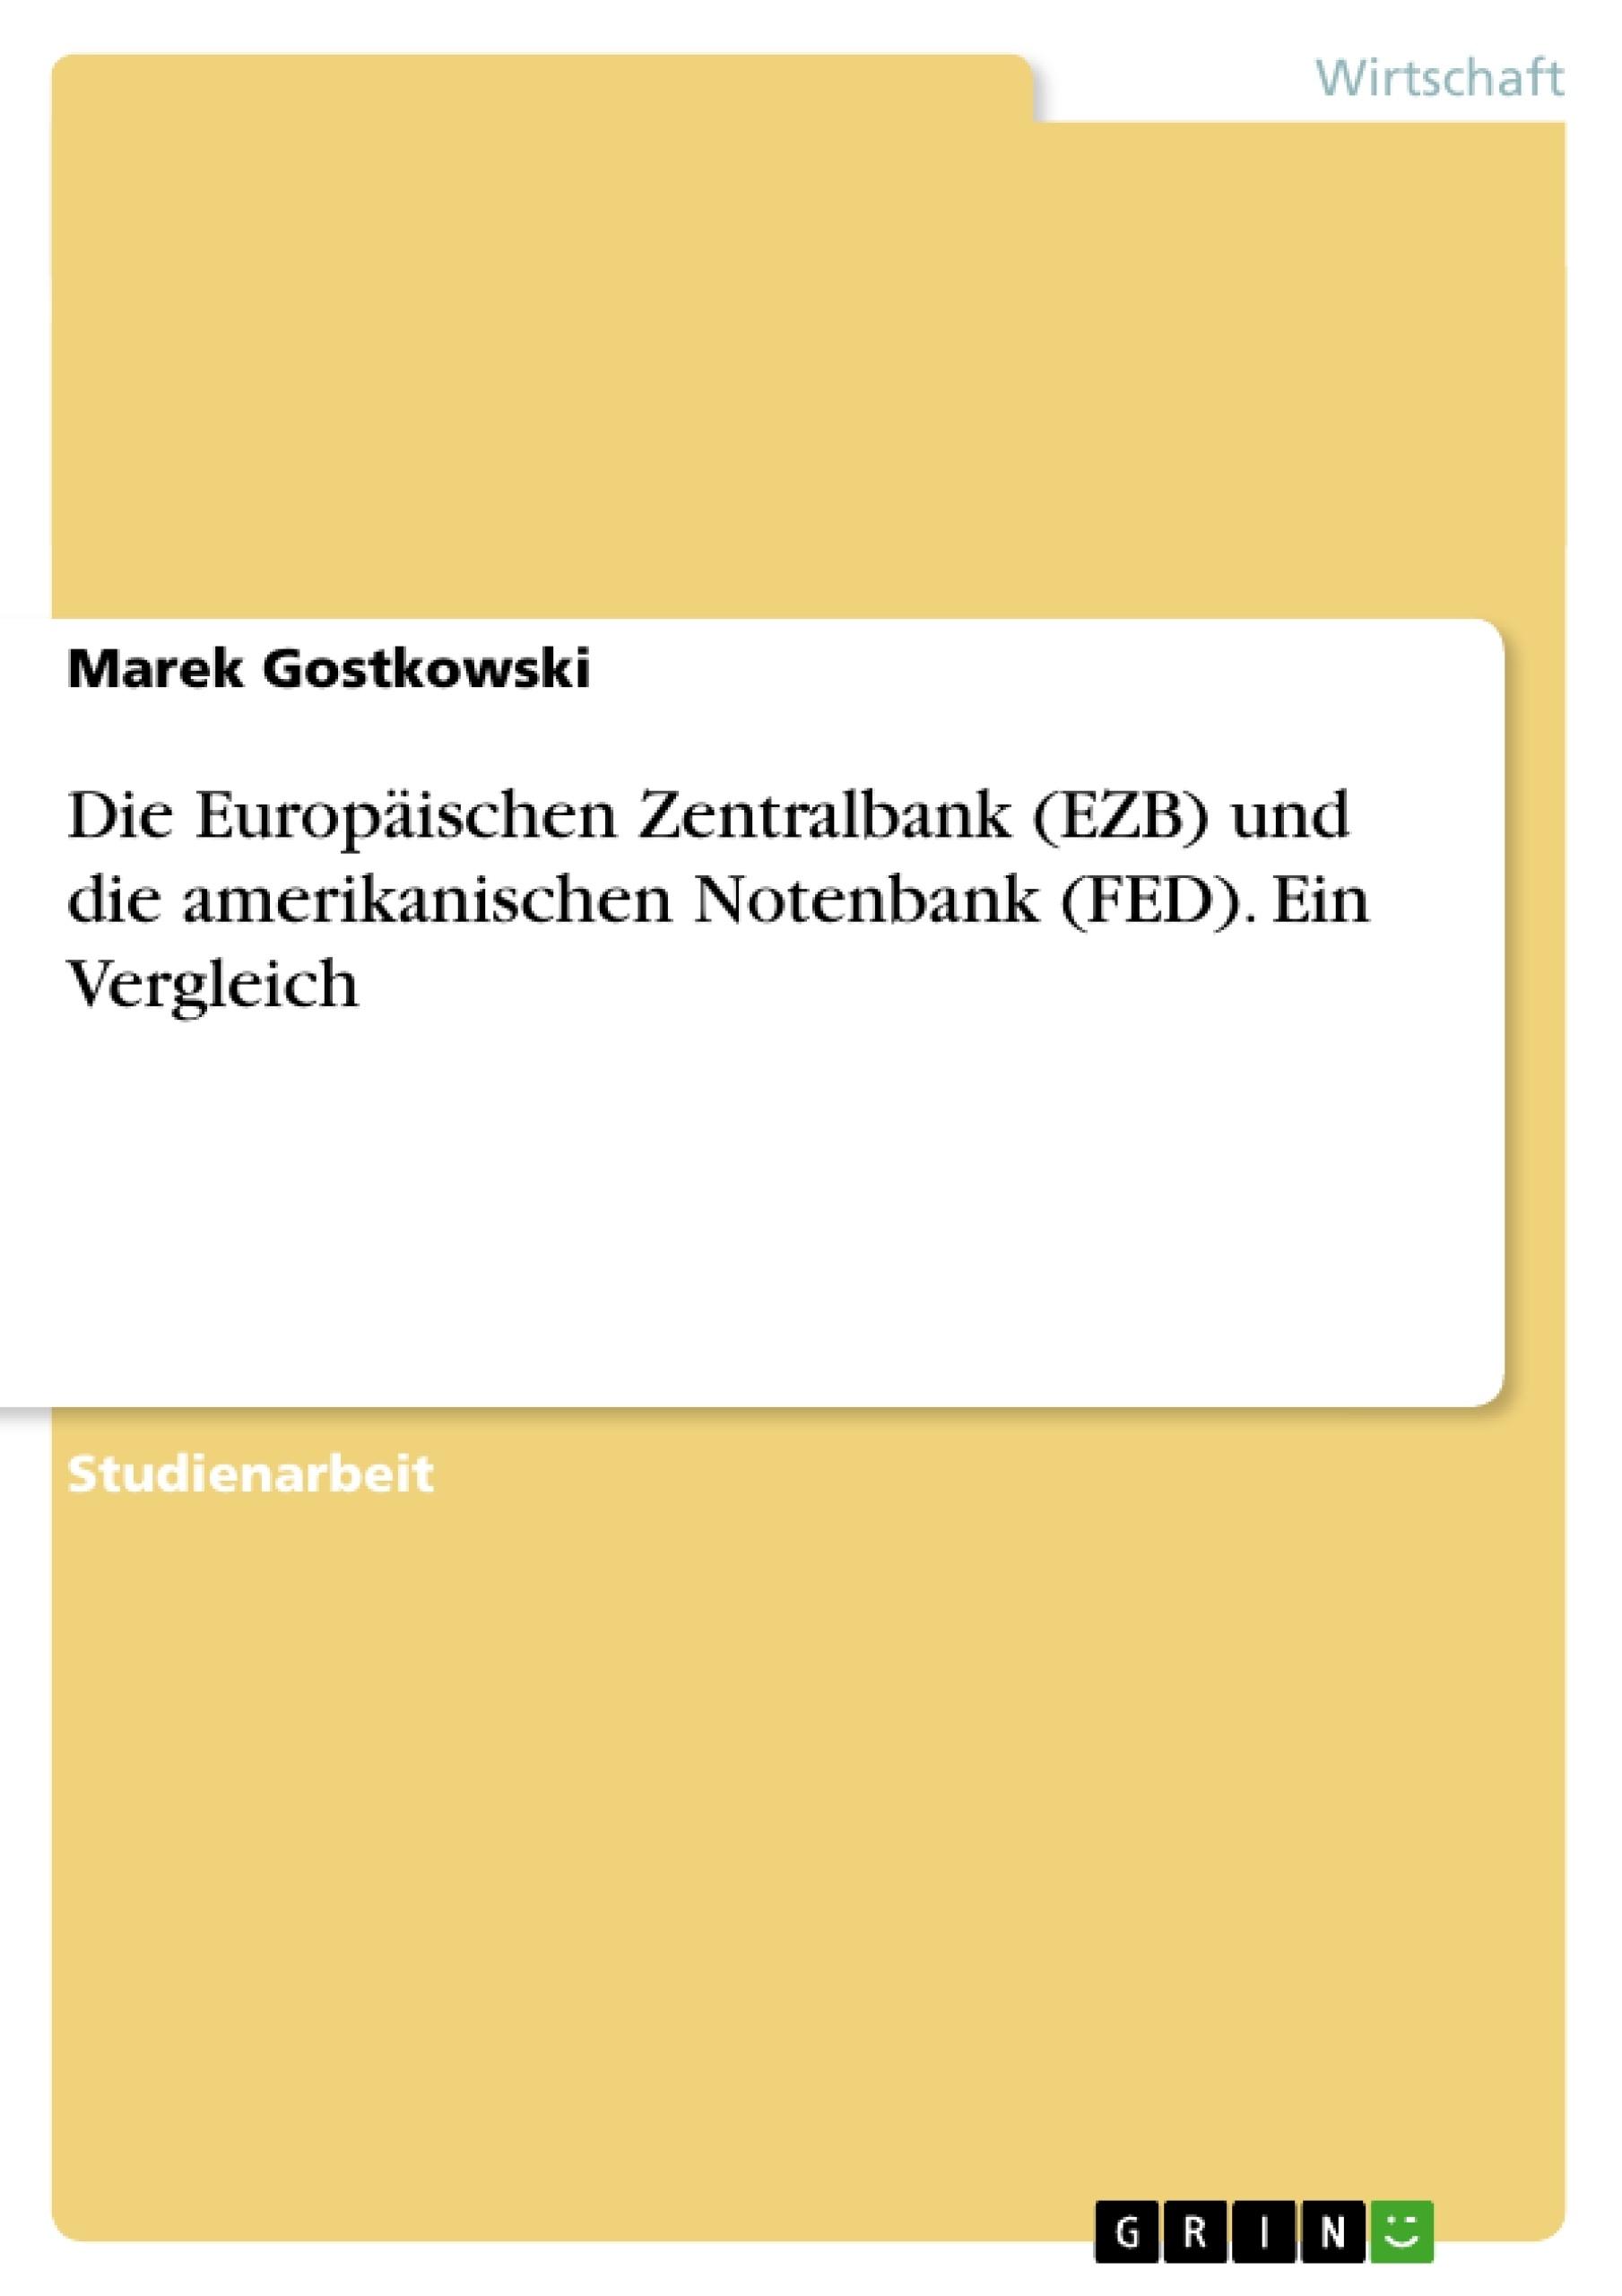 Titel: Die Europäischen Zentralbank (EZB) und die amerikanischen Notenbank (FED). Ein Vergleich